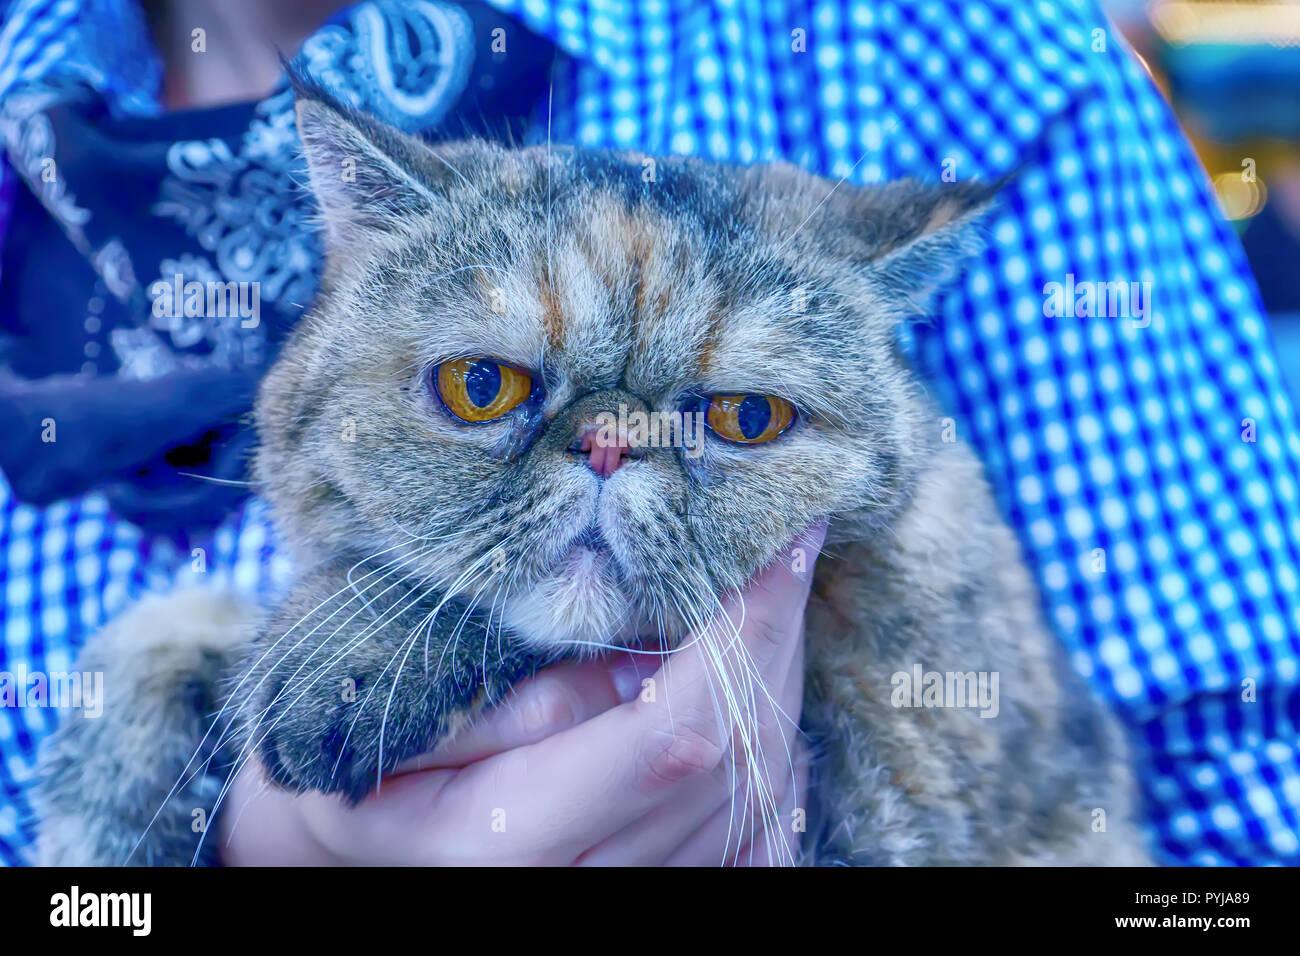 Die Katzen sind niedliche Tiere. Es ist zahm. Stockbild